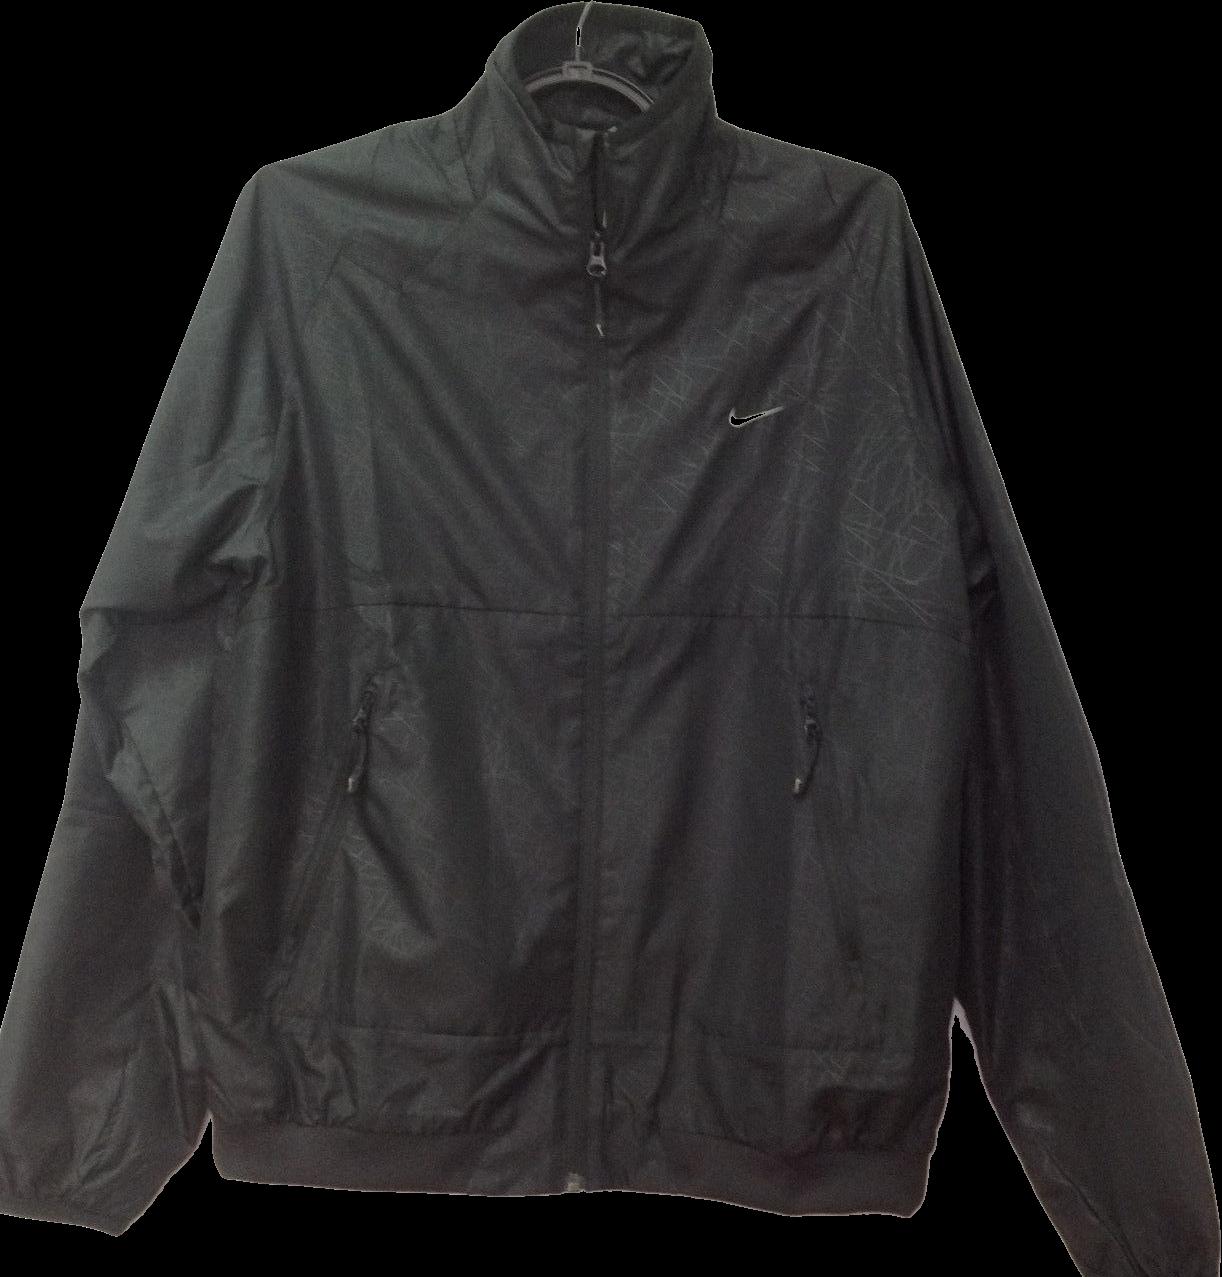 ac11ef43 Мужской спортивный костюм Nike (The athletic dept): продажа, цена в ...